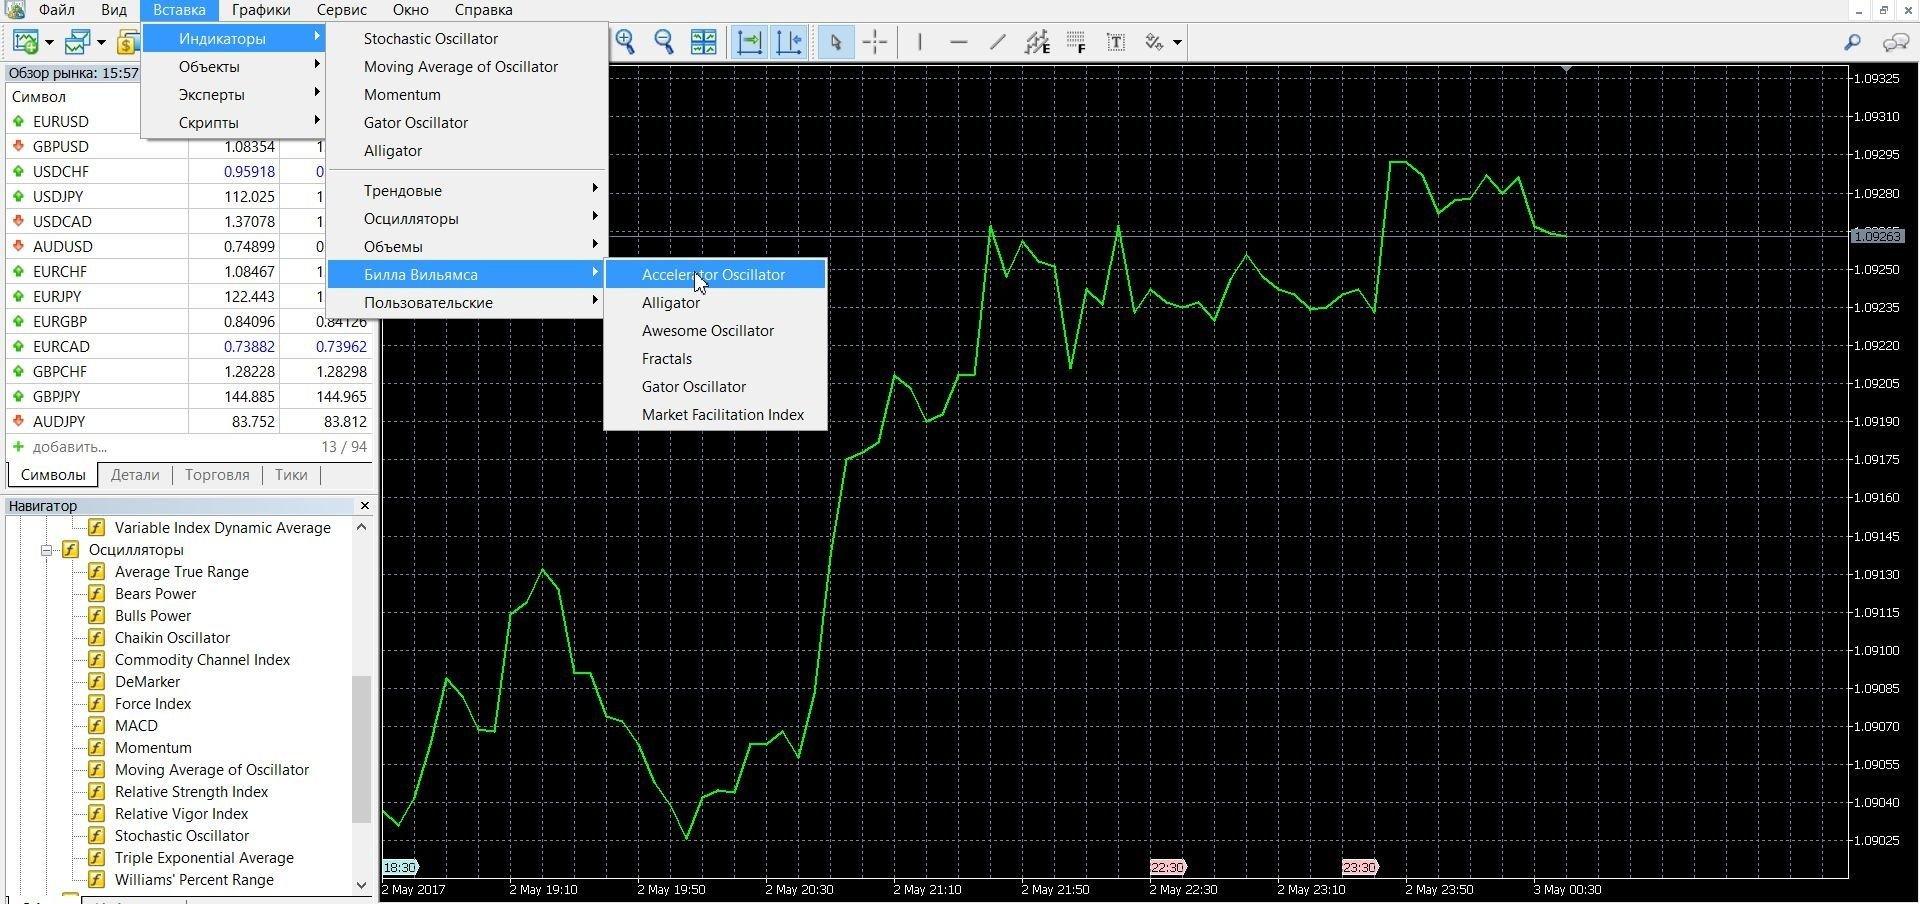 Accelerator Oscillator используется для прогноза динамики цены